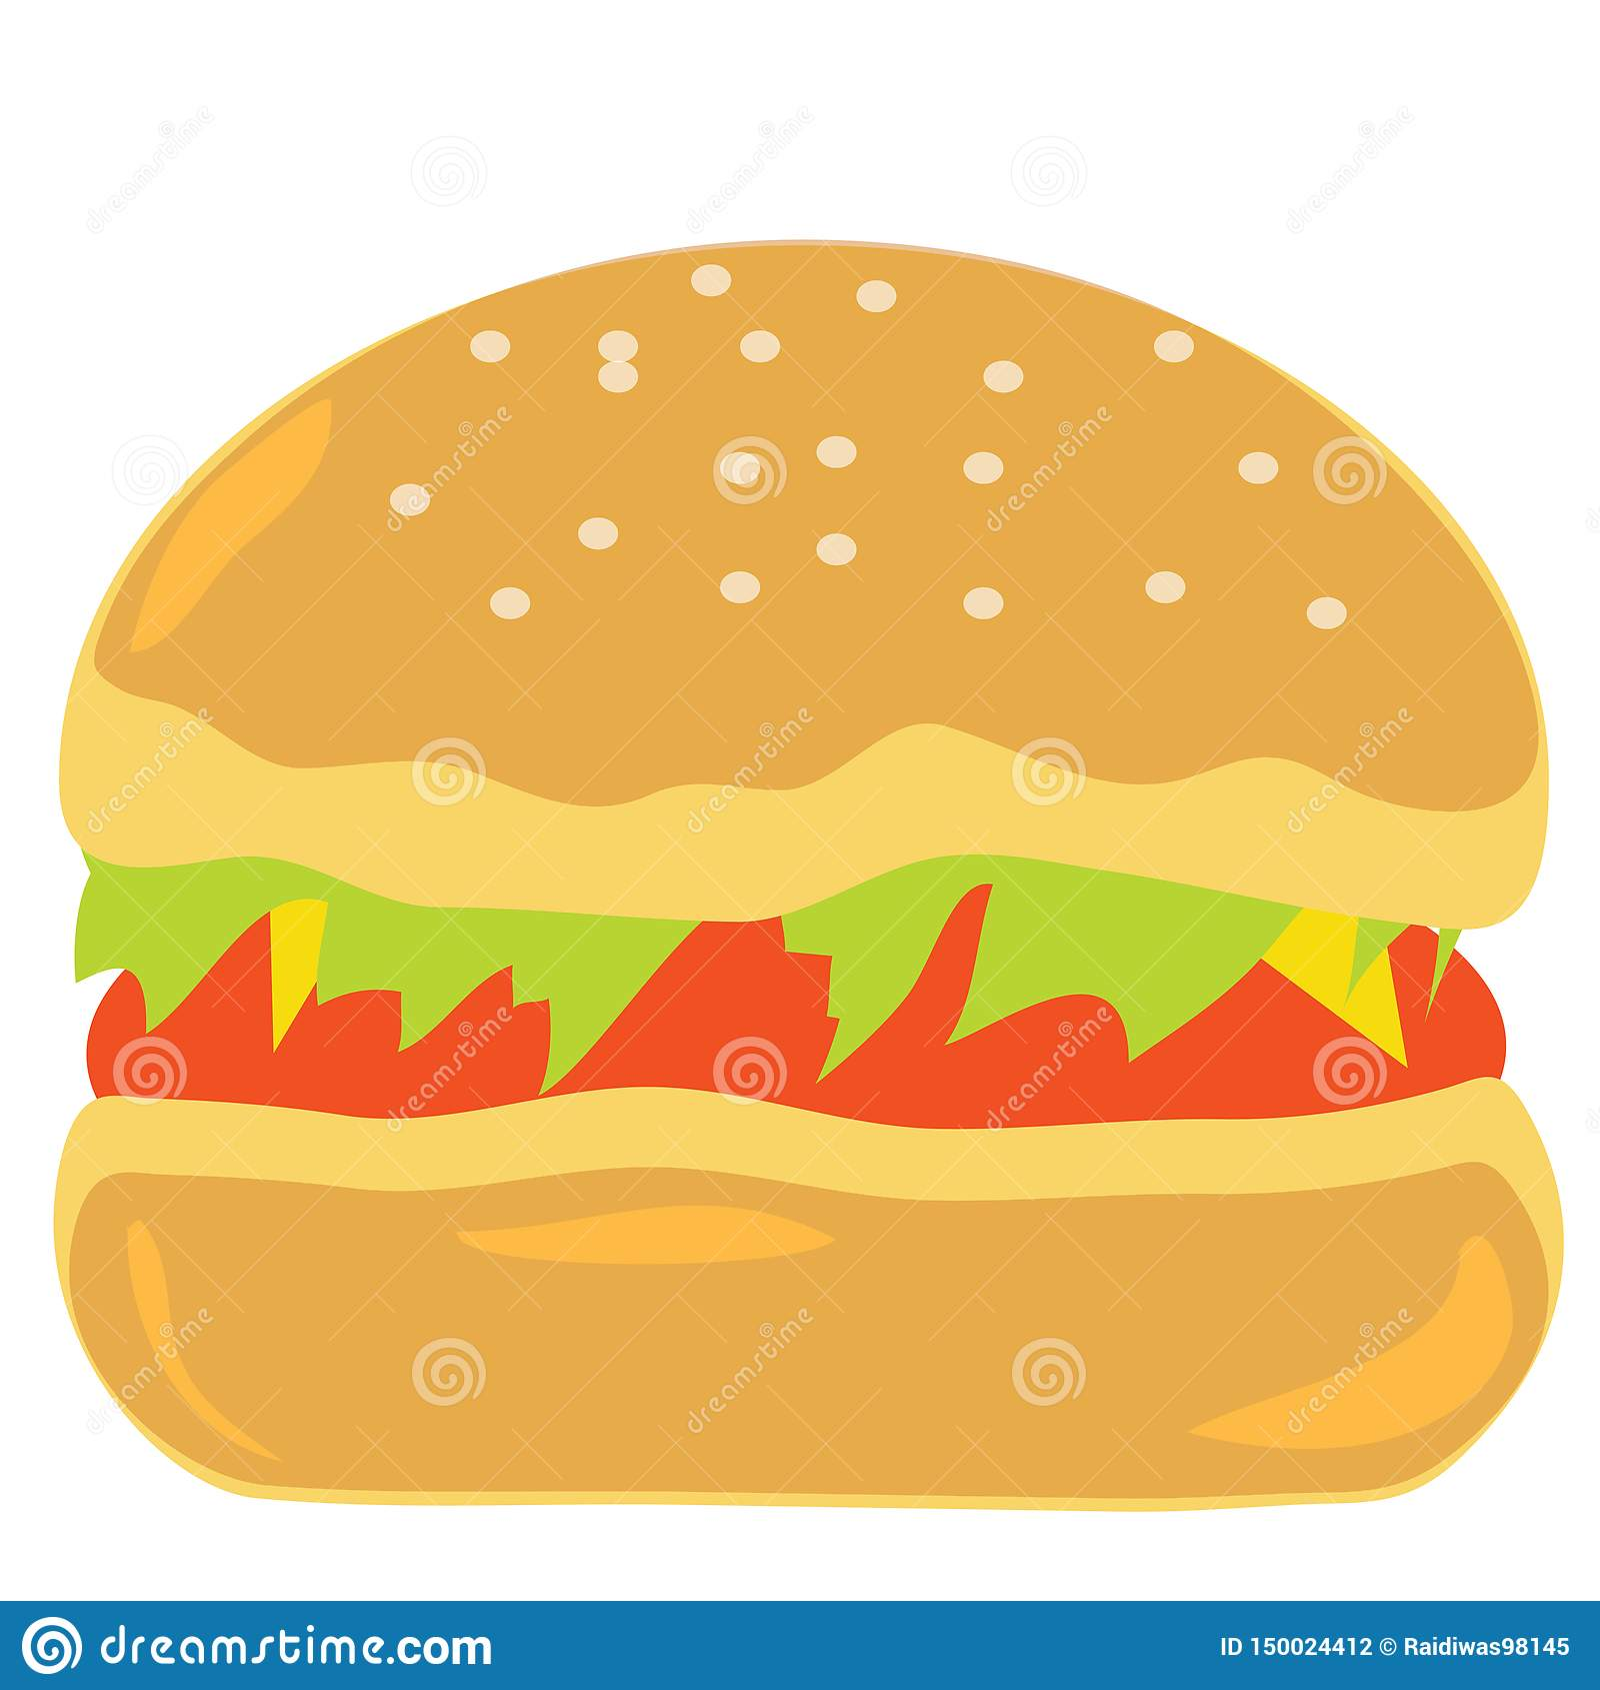 Fast food burger is tasty.